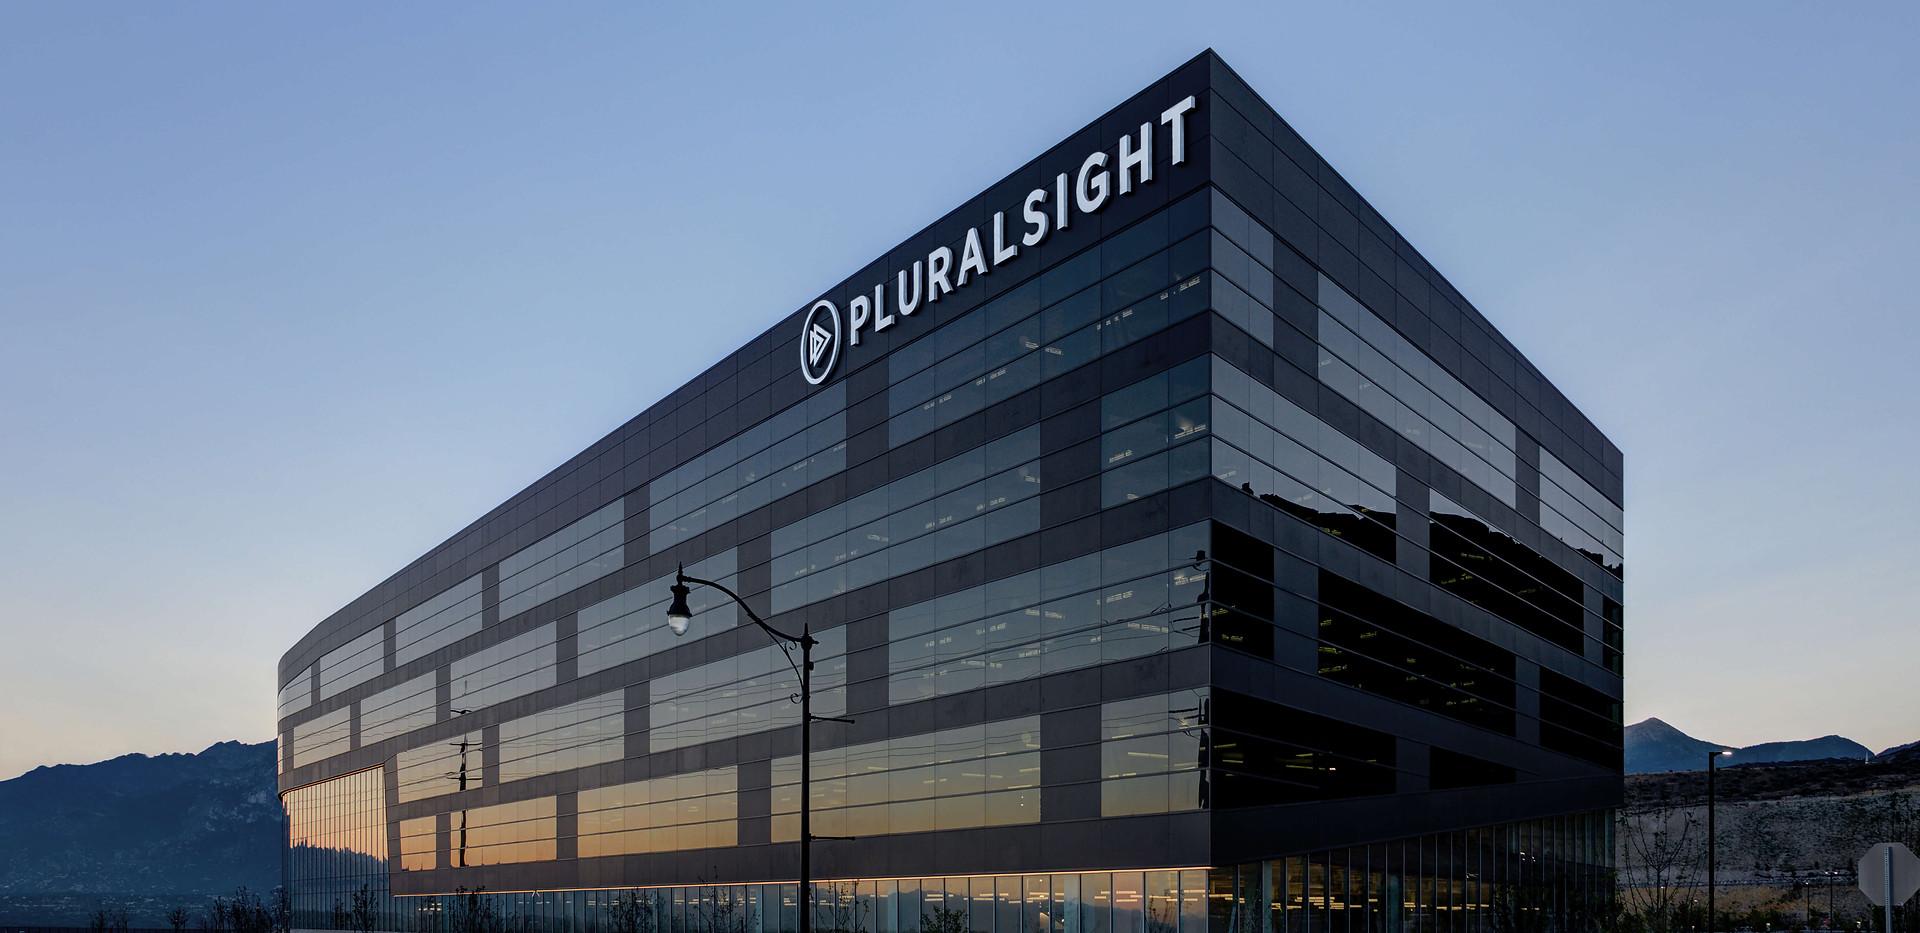 Pluralsight Headquarters